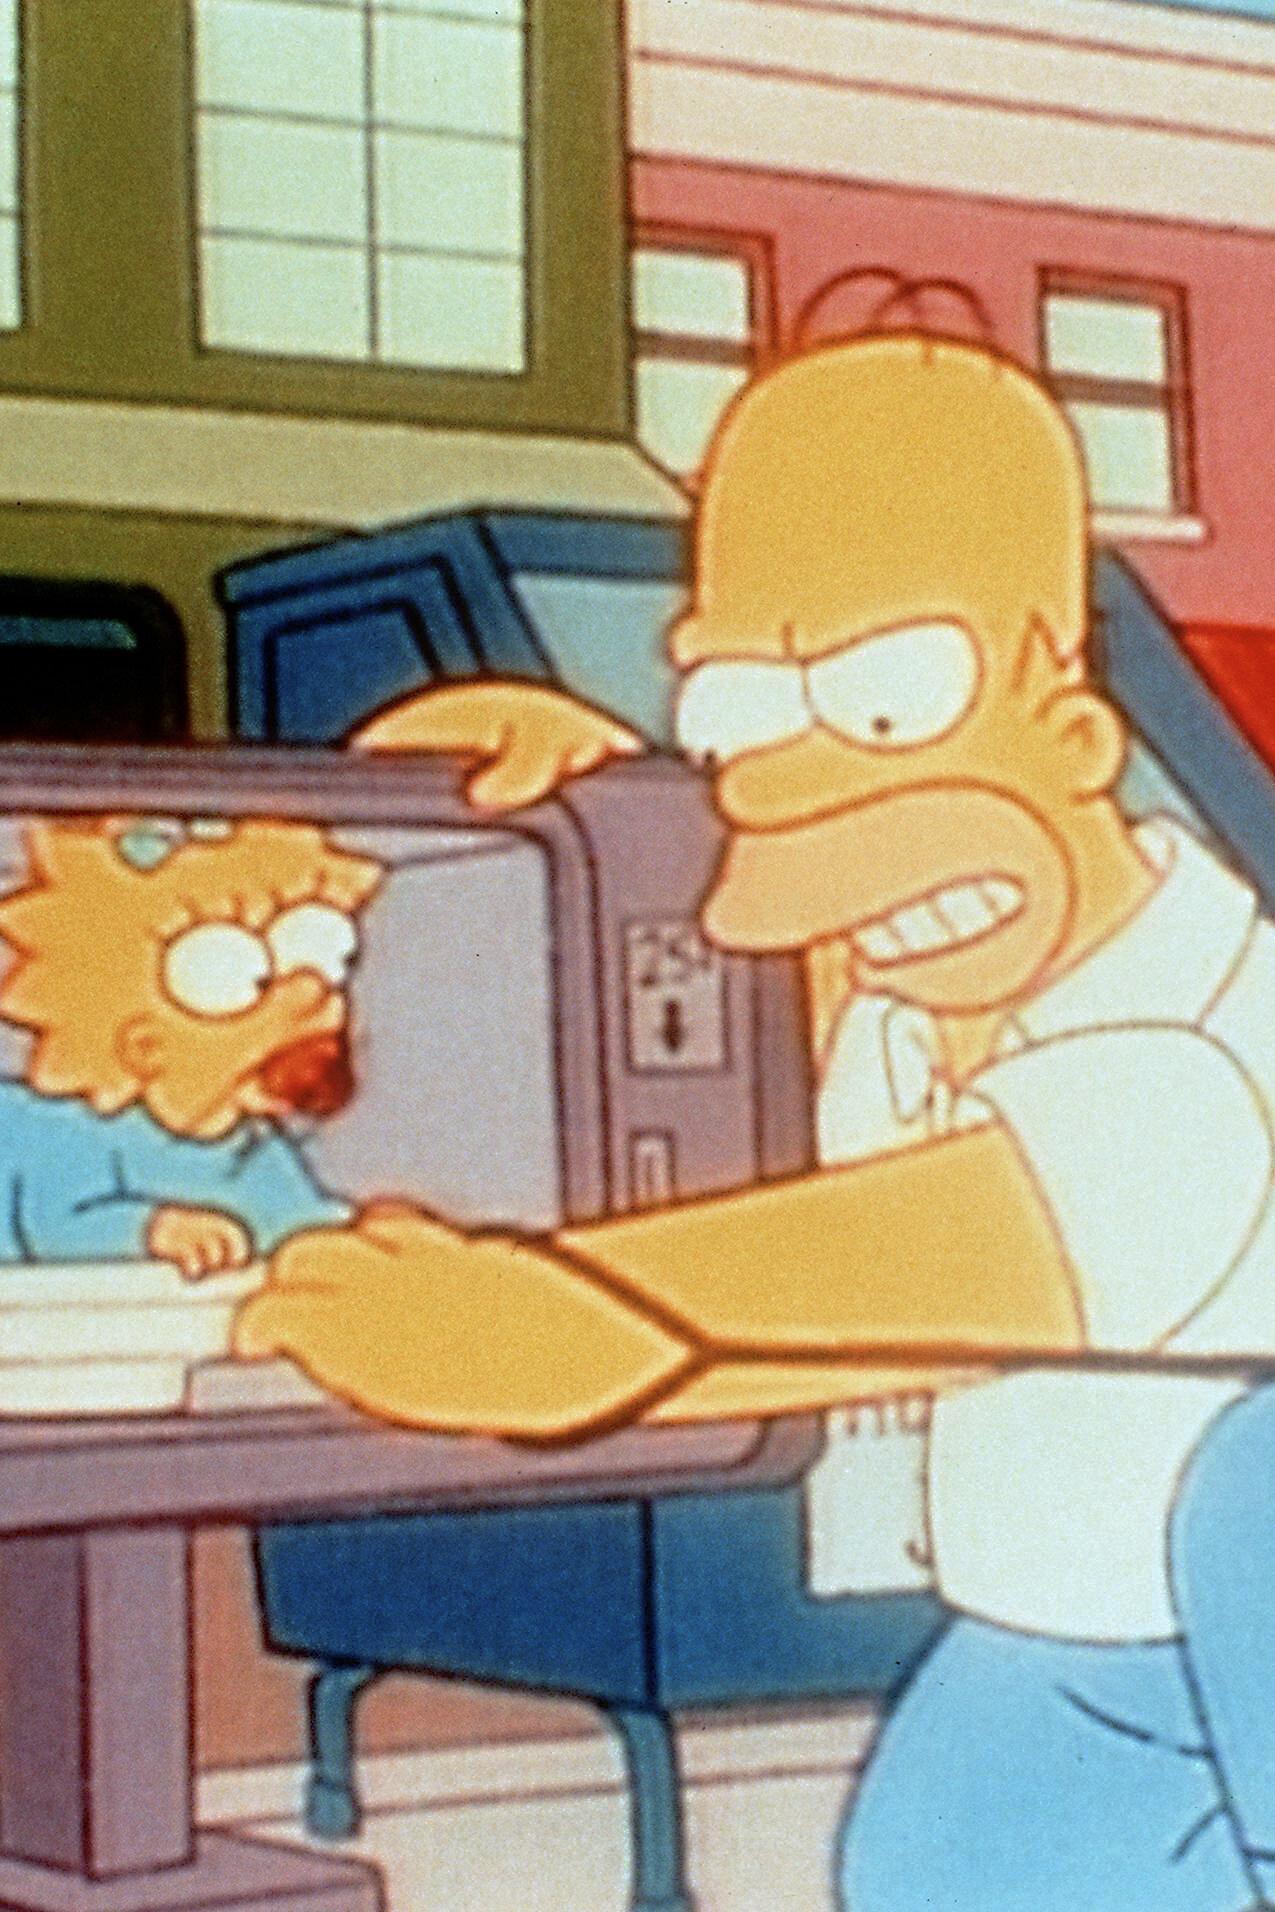 Les Simpson - Premier pas dans le grand monde